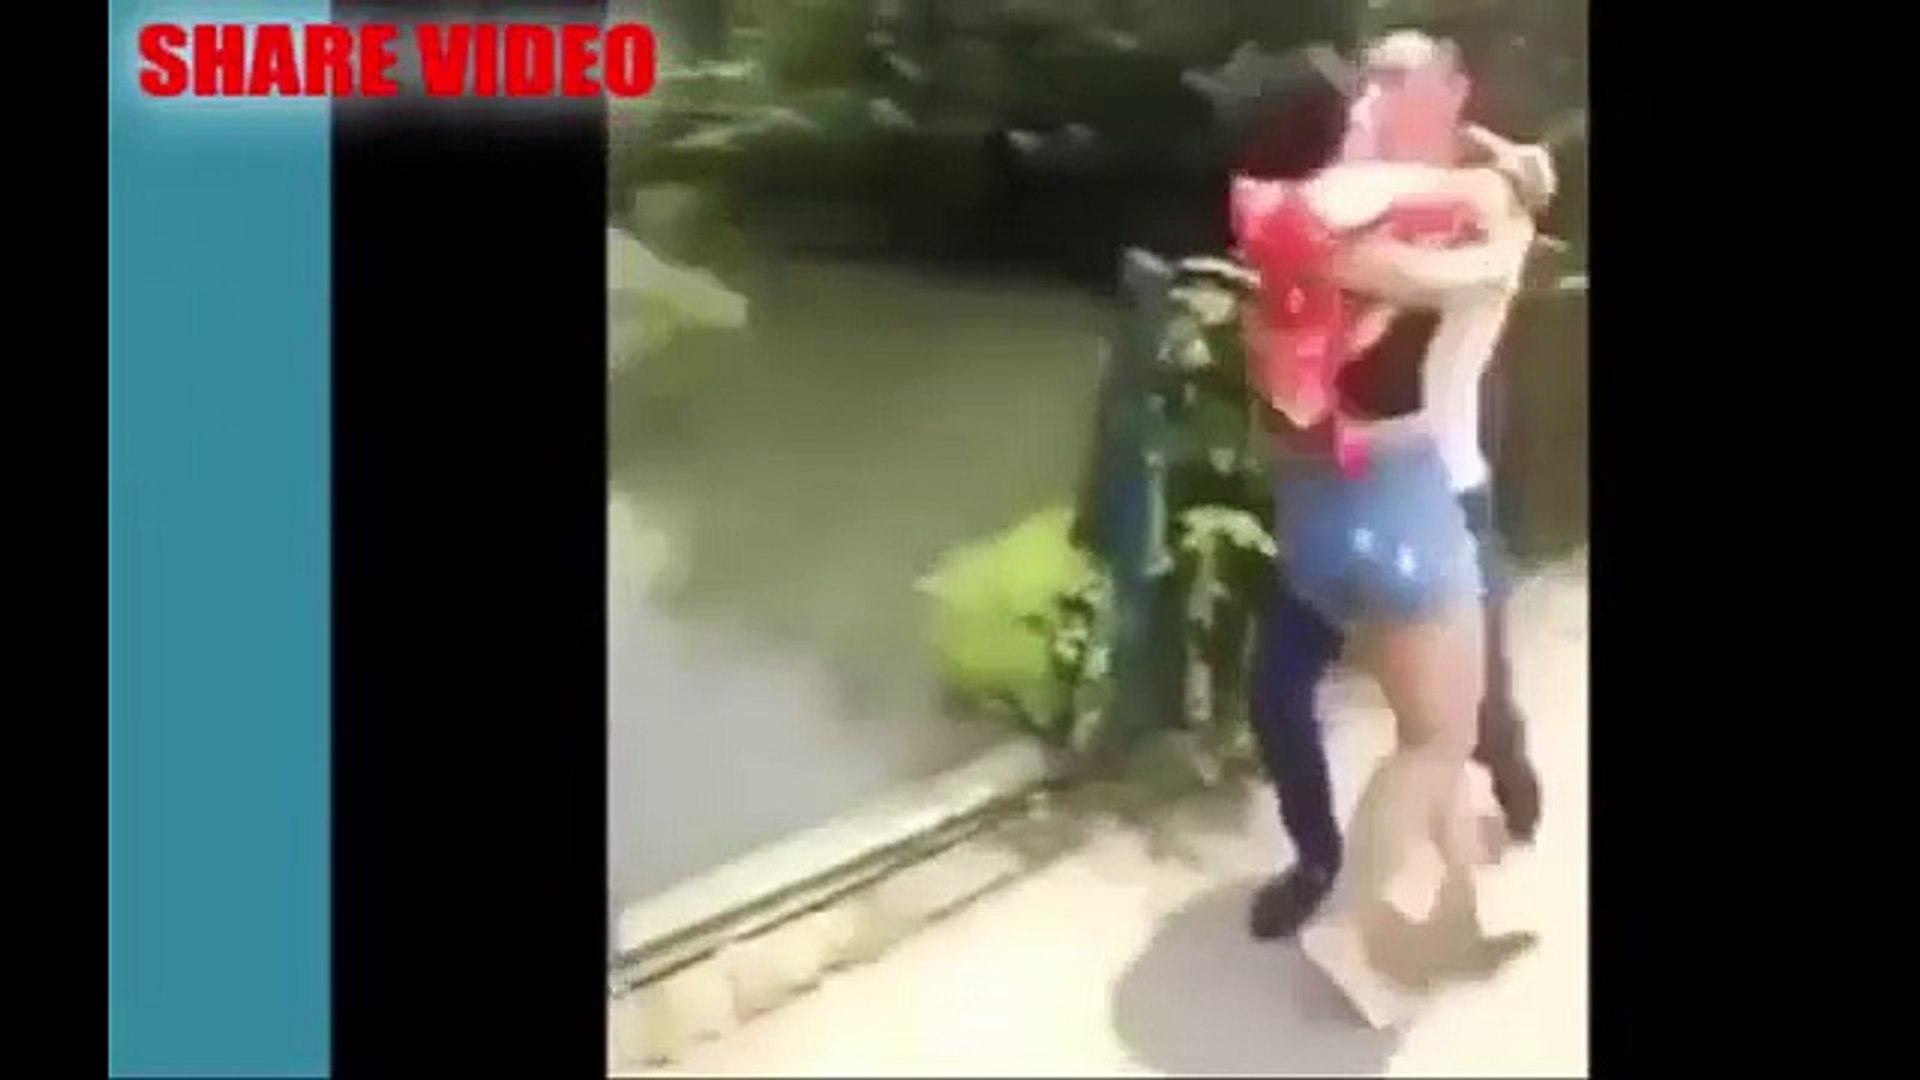 Lucu Gokil Kocak Gila Bodoh Aneh Bikin Ketawa Ngakak Video